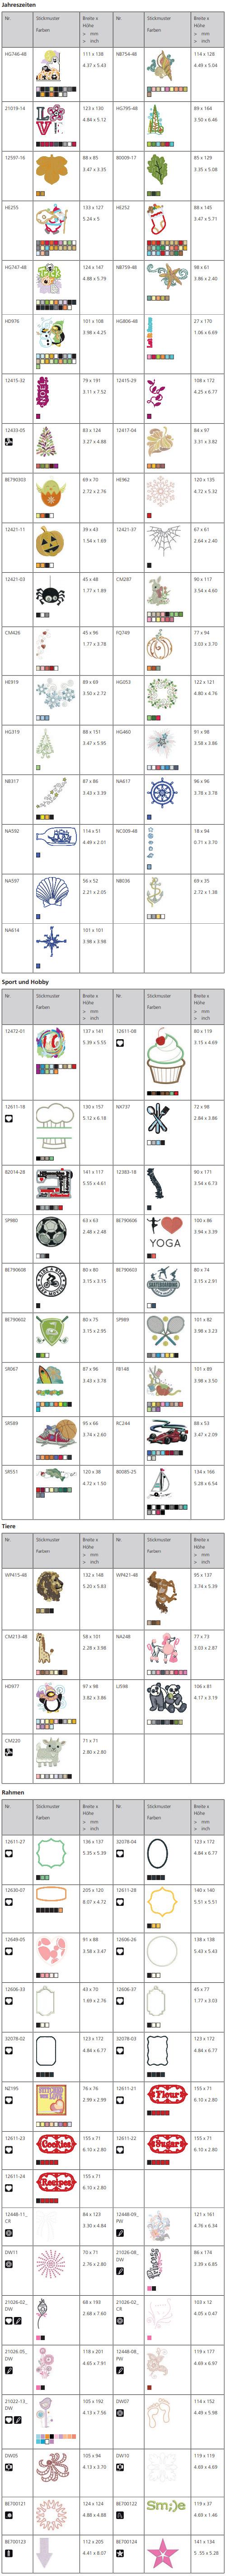 Bernina B 570 QE Stickmuster Jahreszeiten, Sport, Tiere